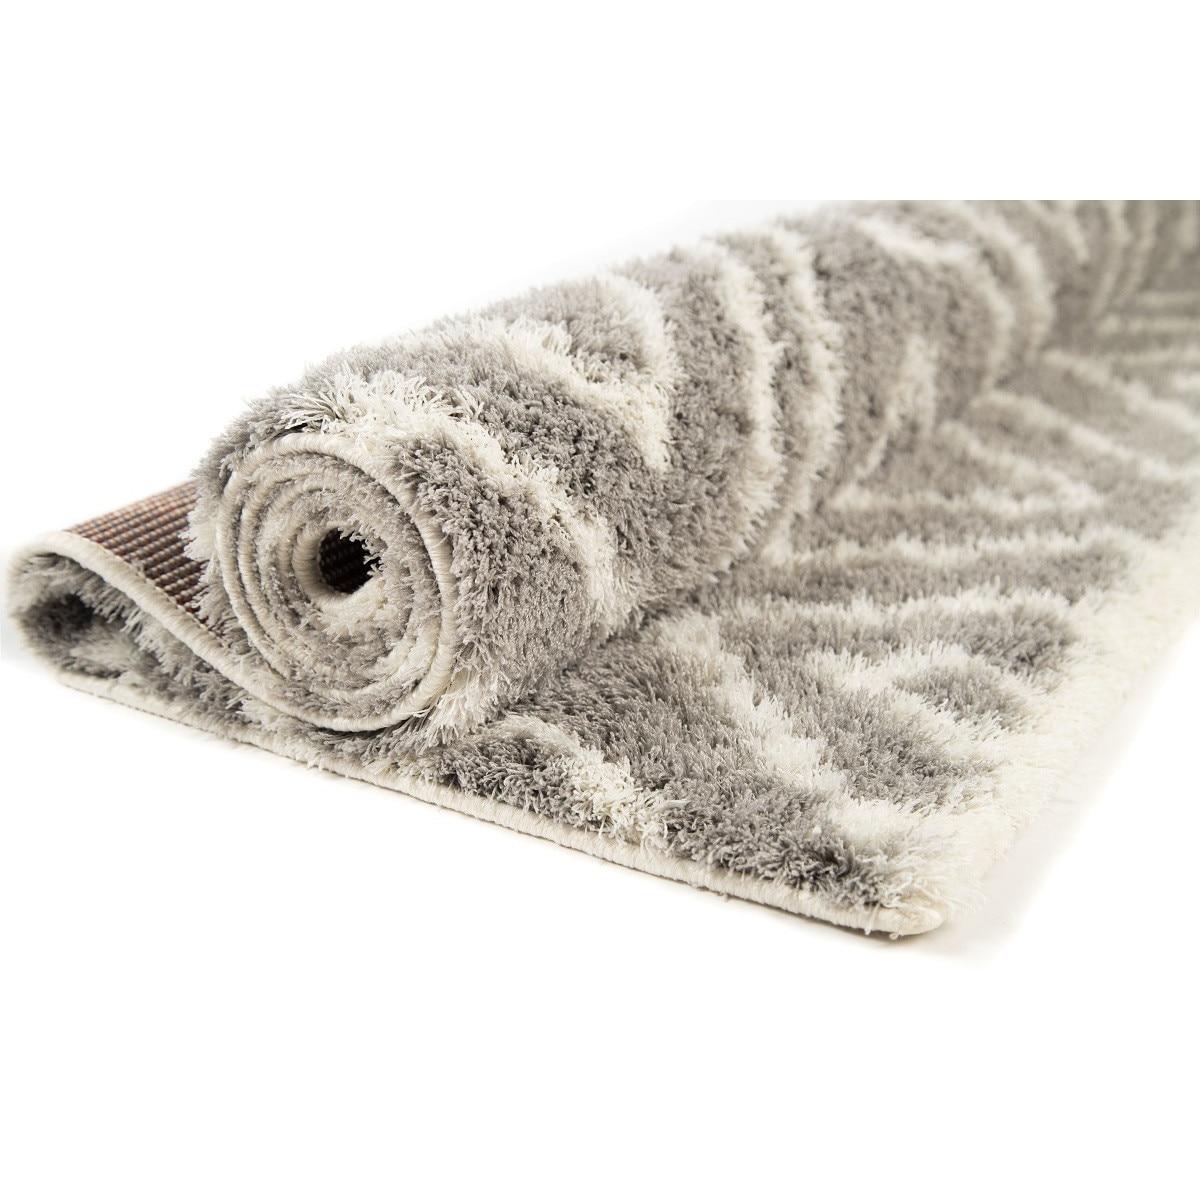 Dywan Shaggy Nano Light Mikrofibra szaro biały 160 x 235 kup online | eMAG.pl